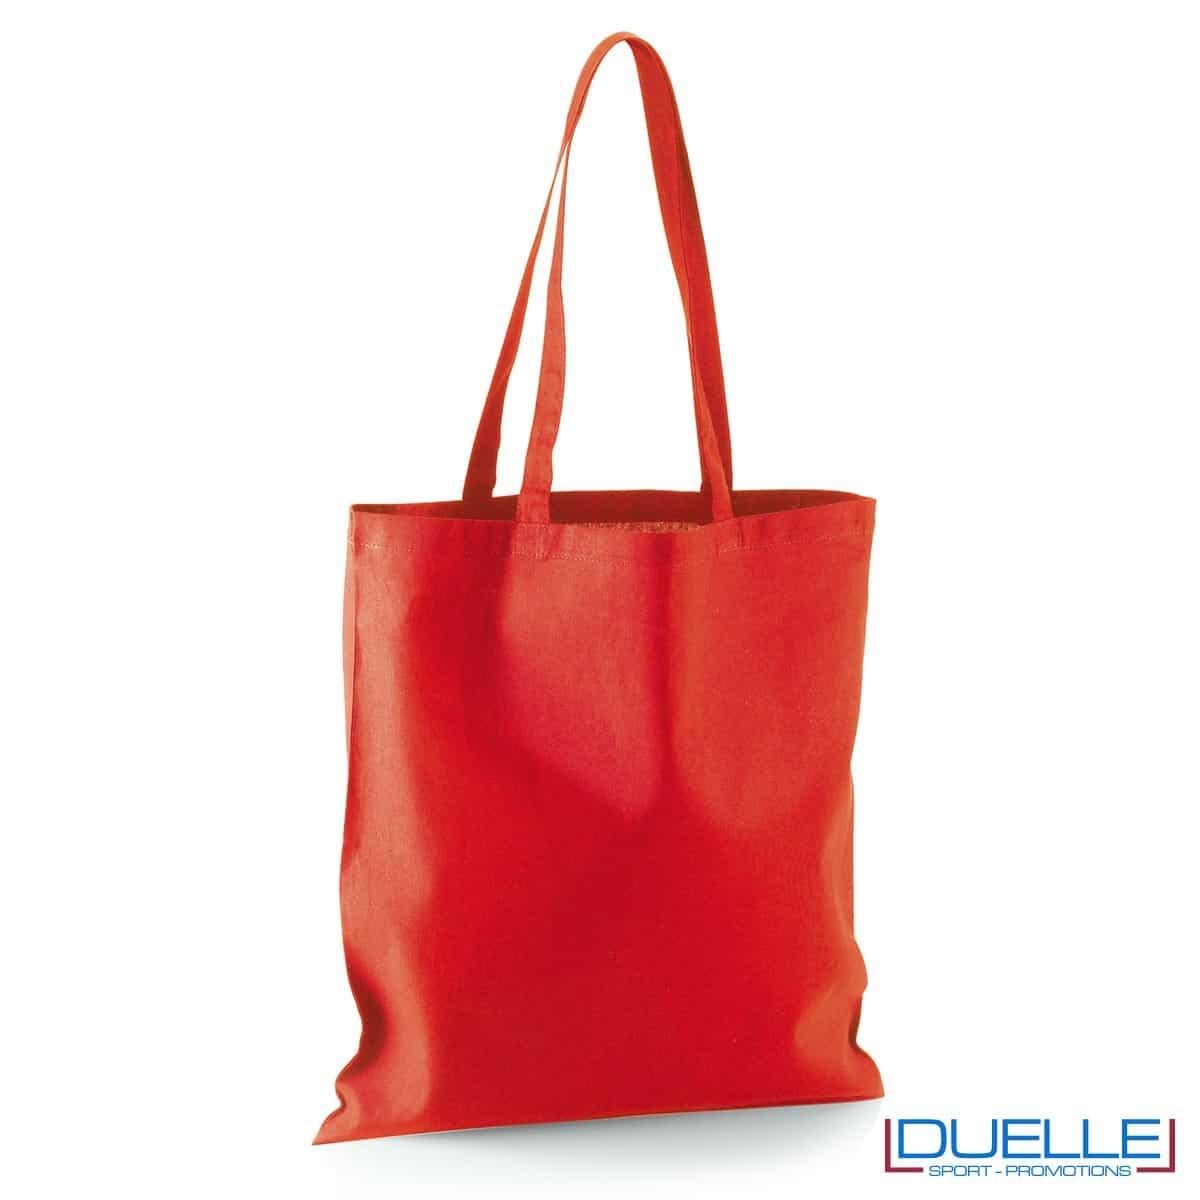 Shopper personalizzata in puro cotone rosso